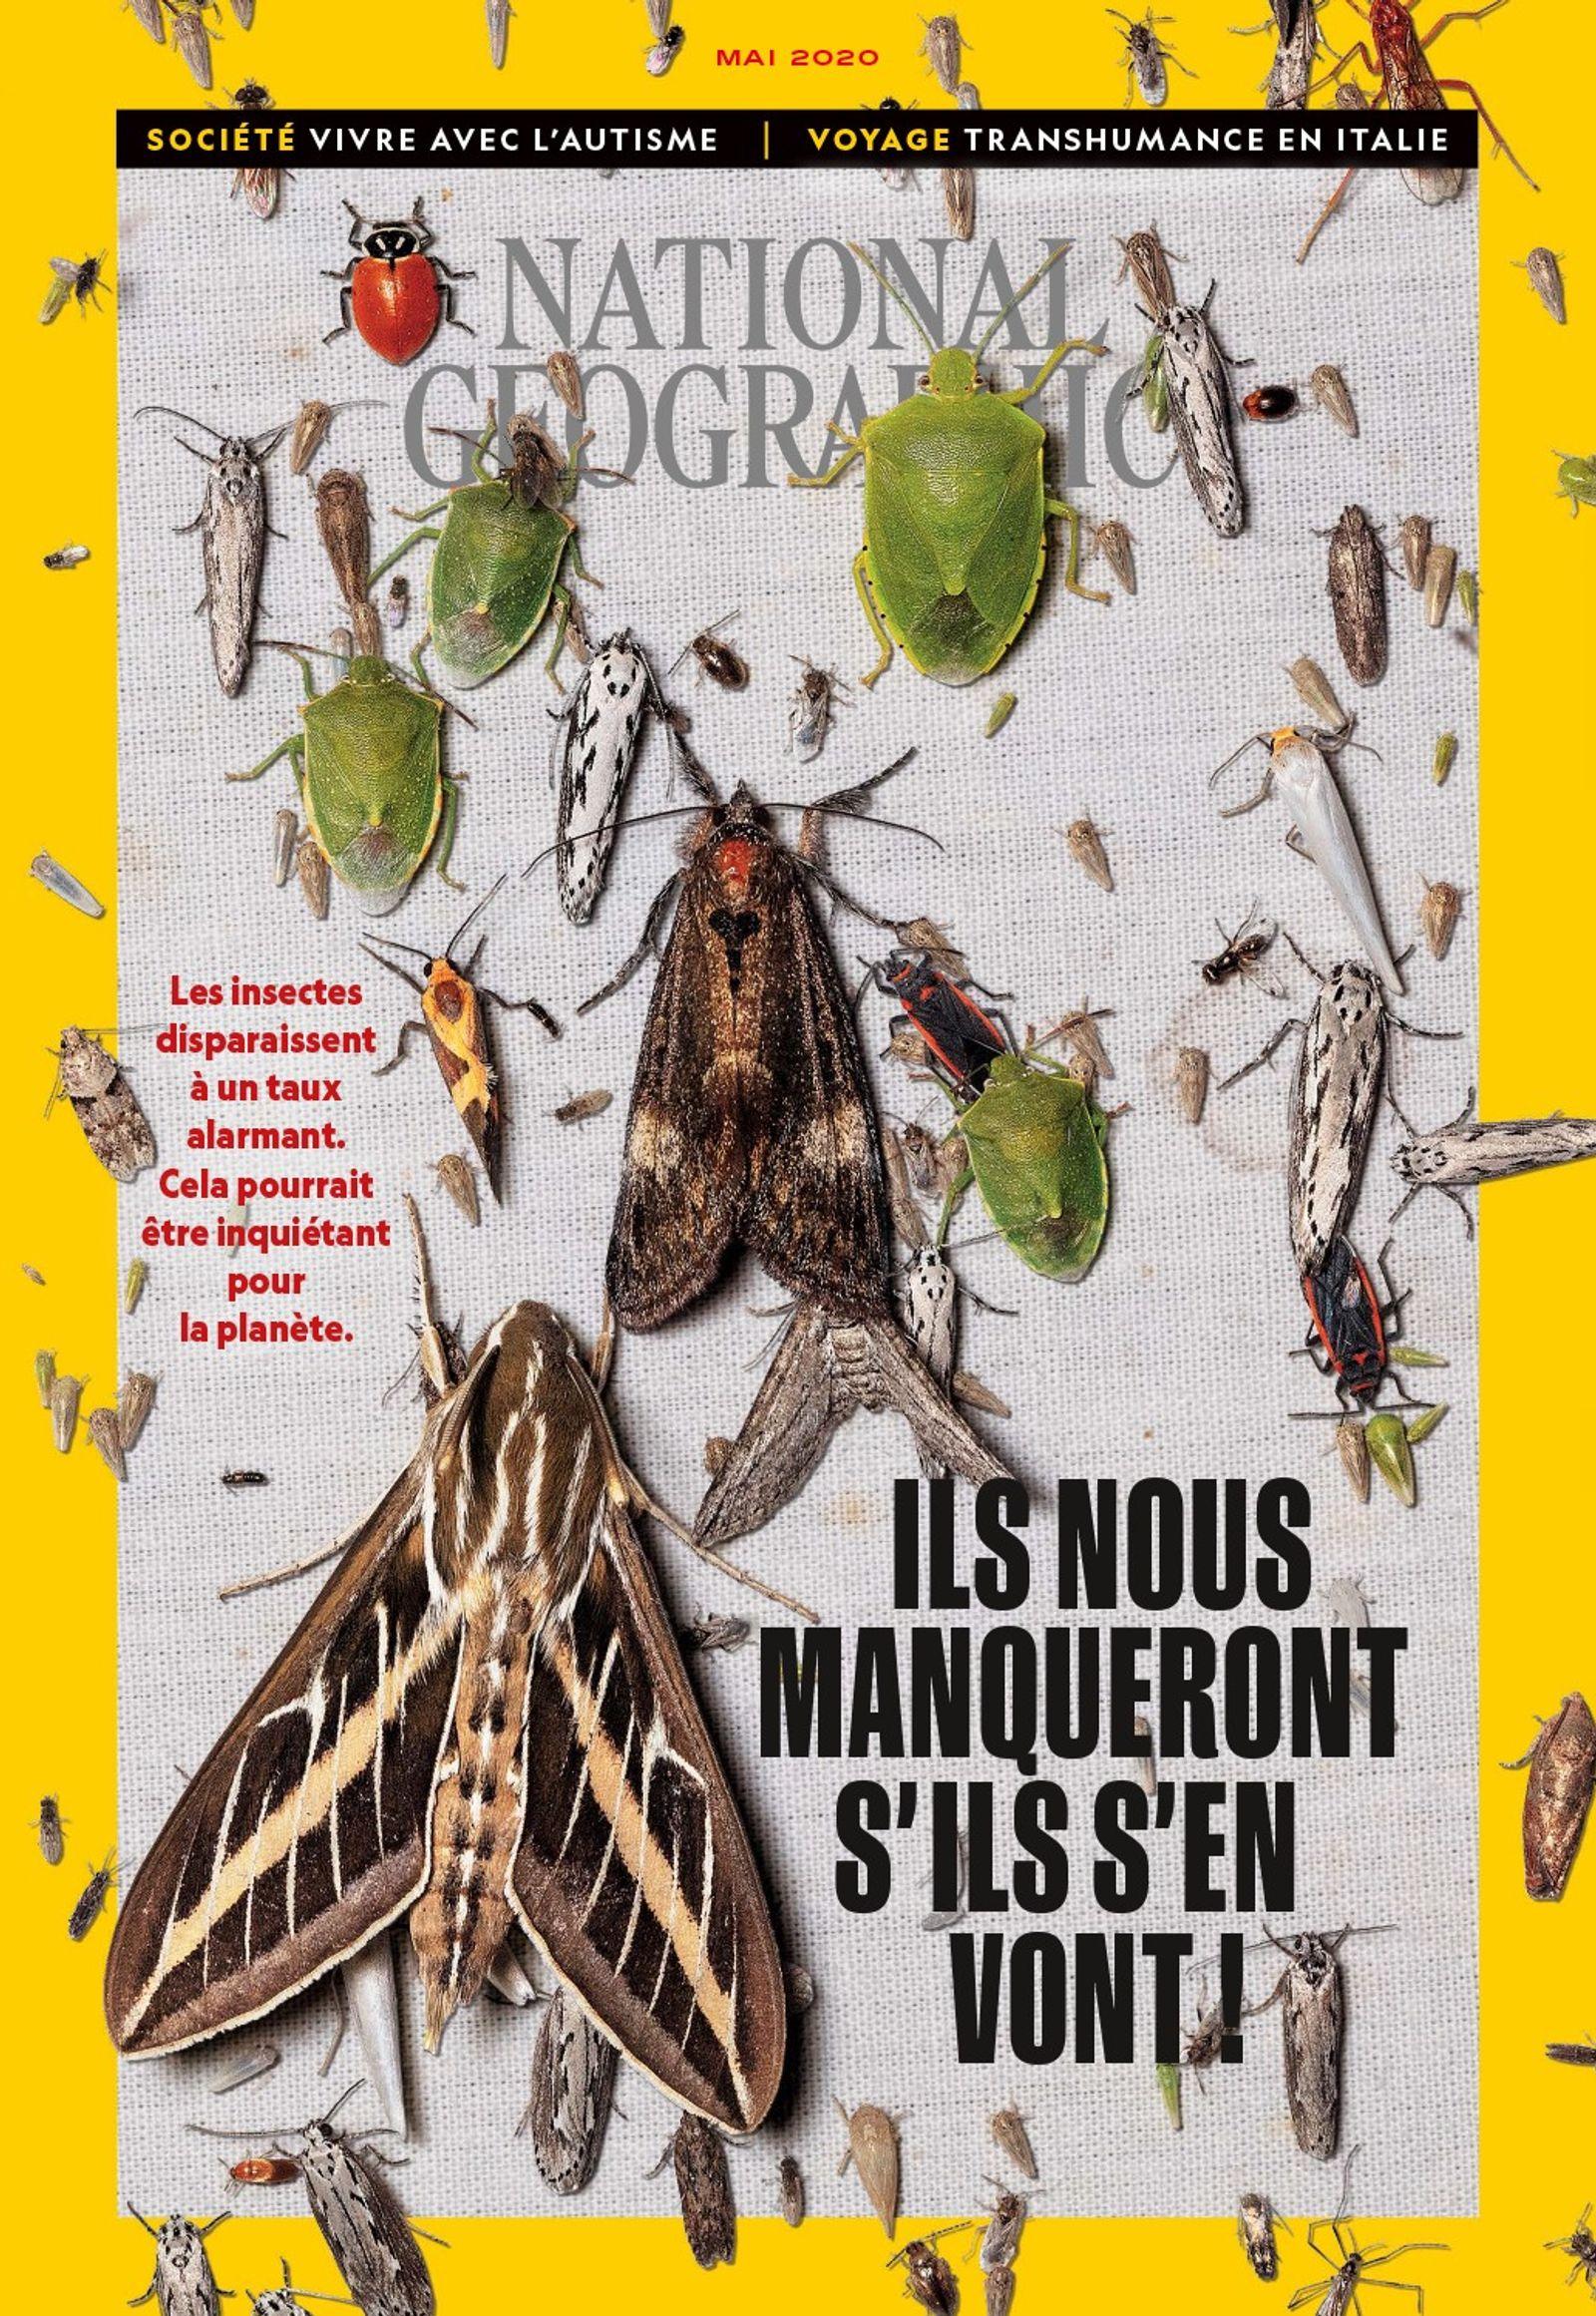 Sommaire du magazine National Geographic de mai 2020 : Insectes, ils nous manqueront s'ils s'en vont